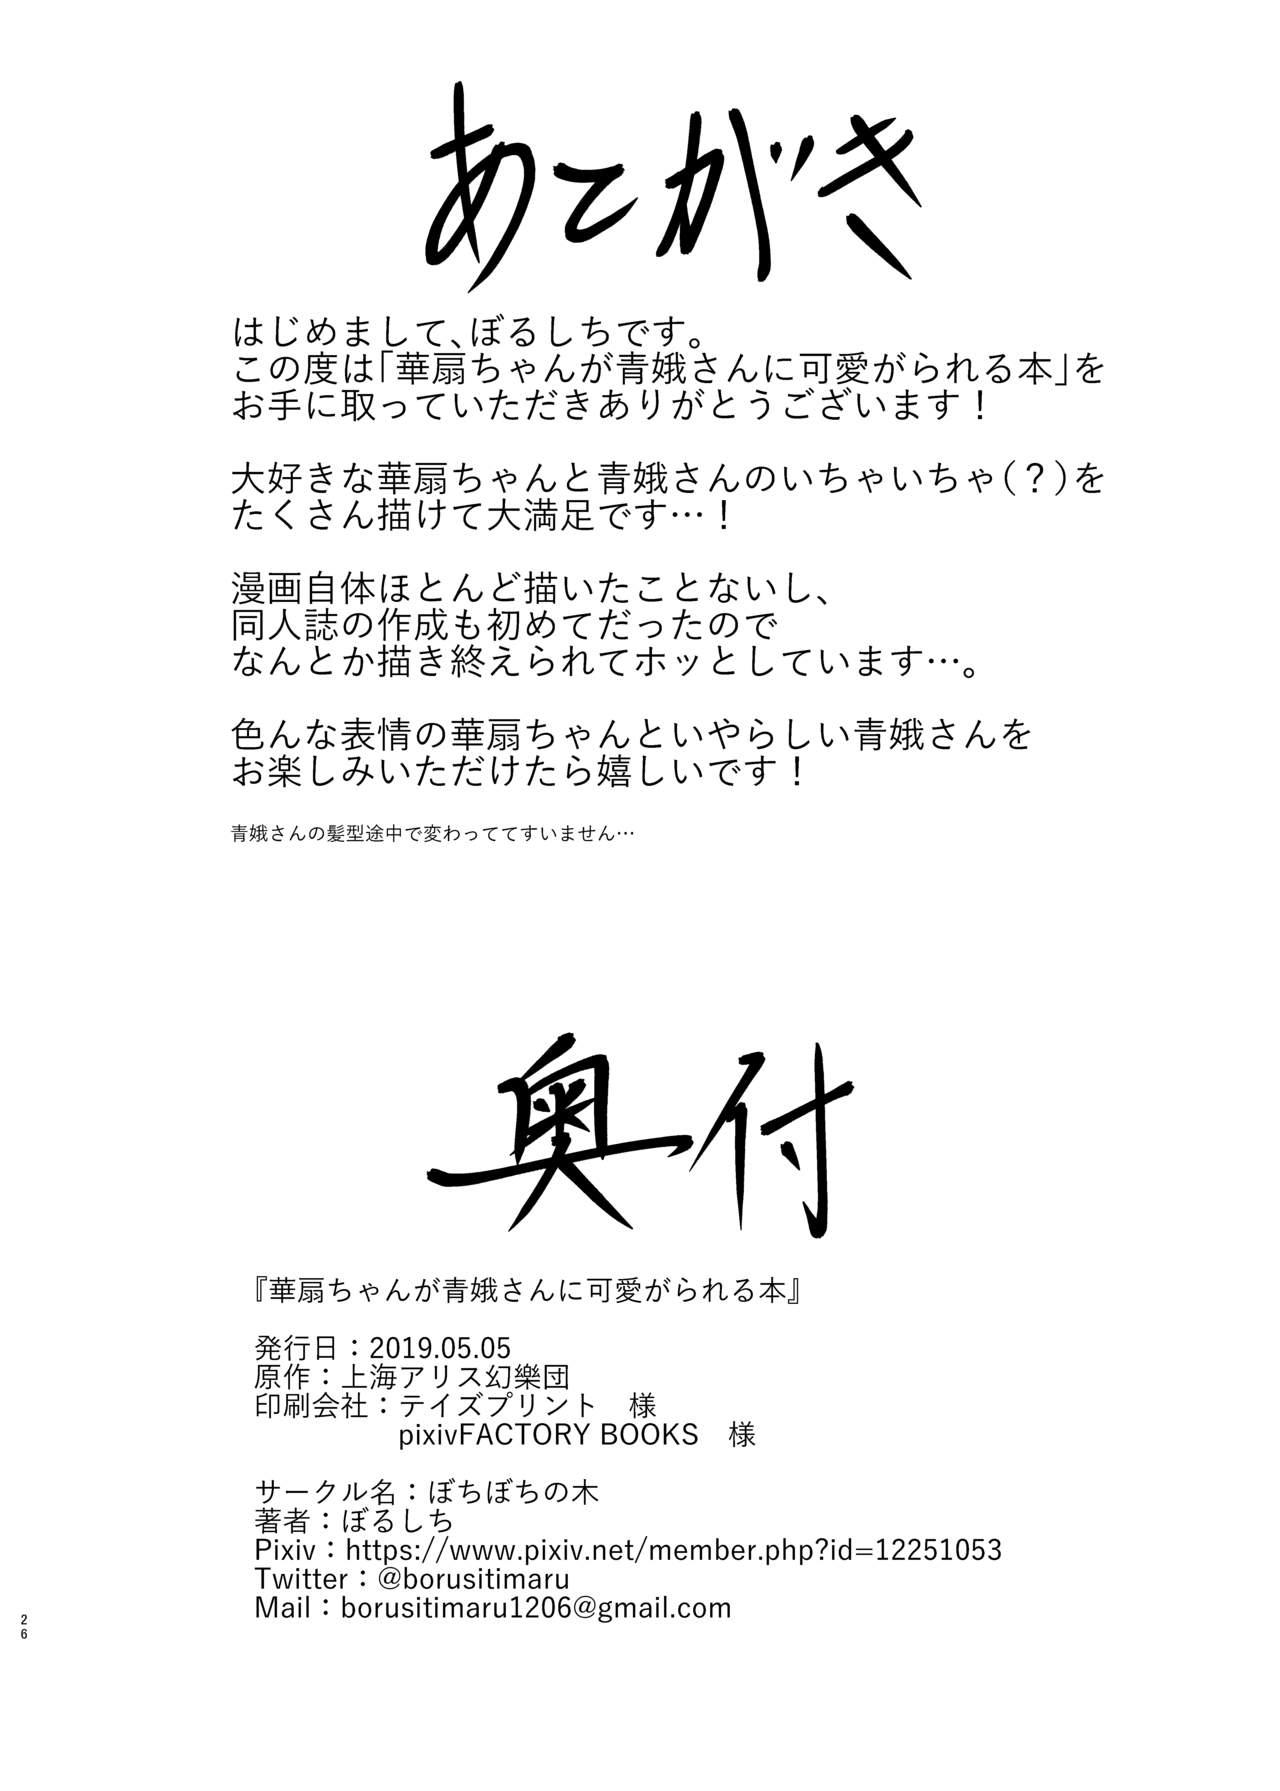 [Bochi Bochi no Ki (Borusiti)] Kasen-chan ga Seiga-san ni Kawaigarareru Hon (Touhou Project) [Digital] 23